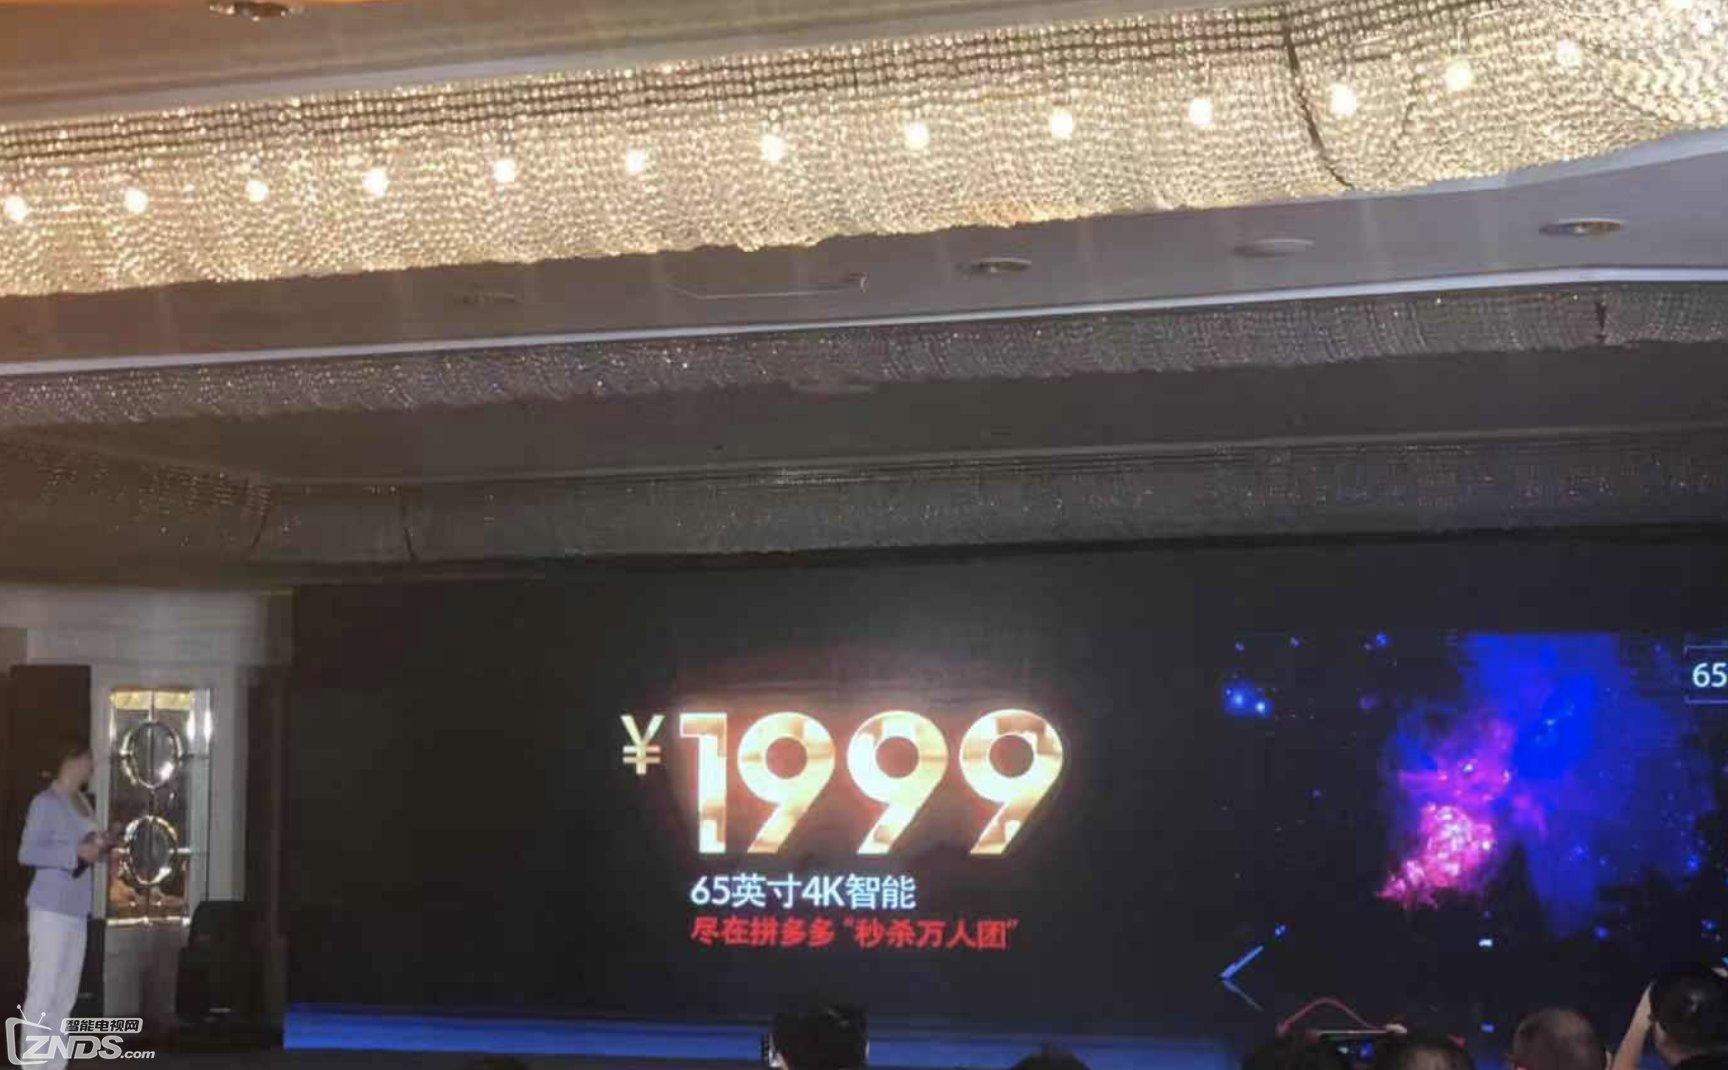 拼多多JVC智能电视新品正式发布:四个尺寸可选 售价499元起